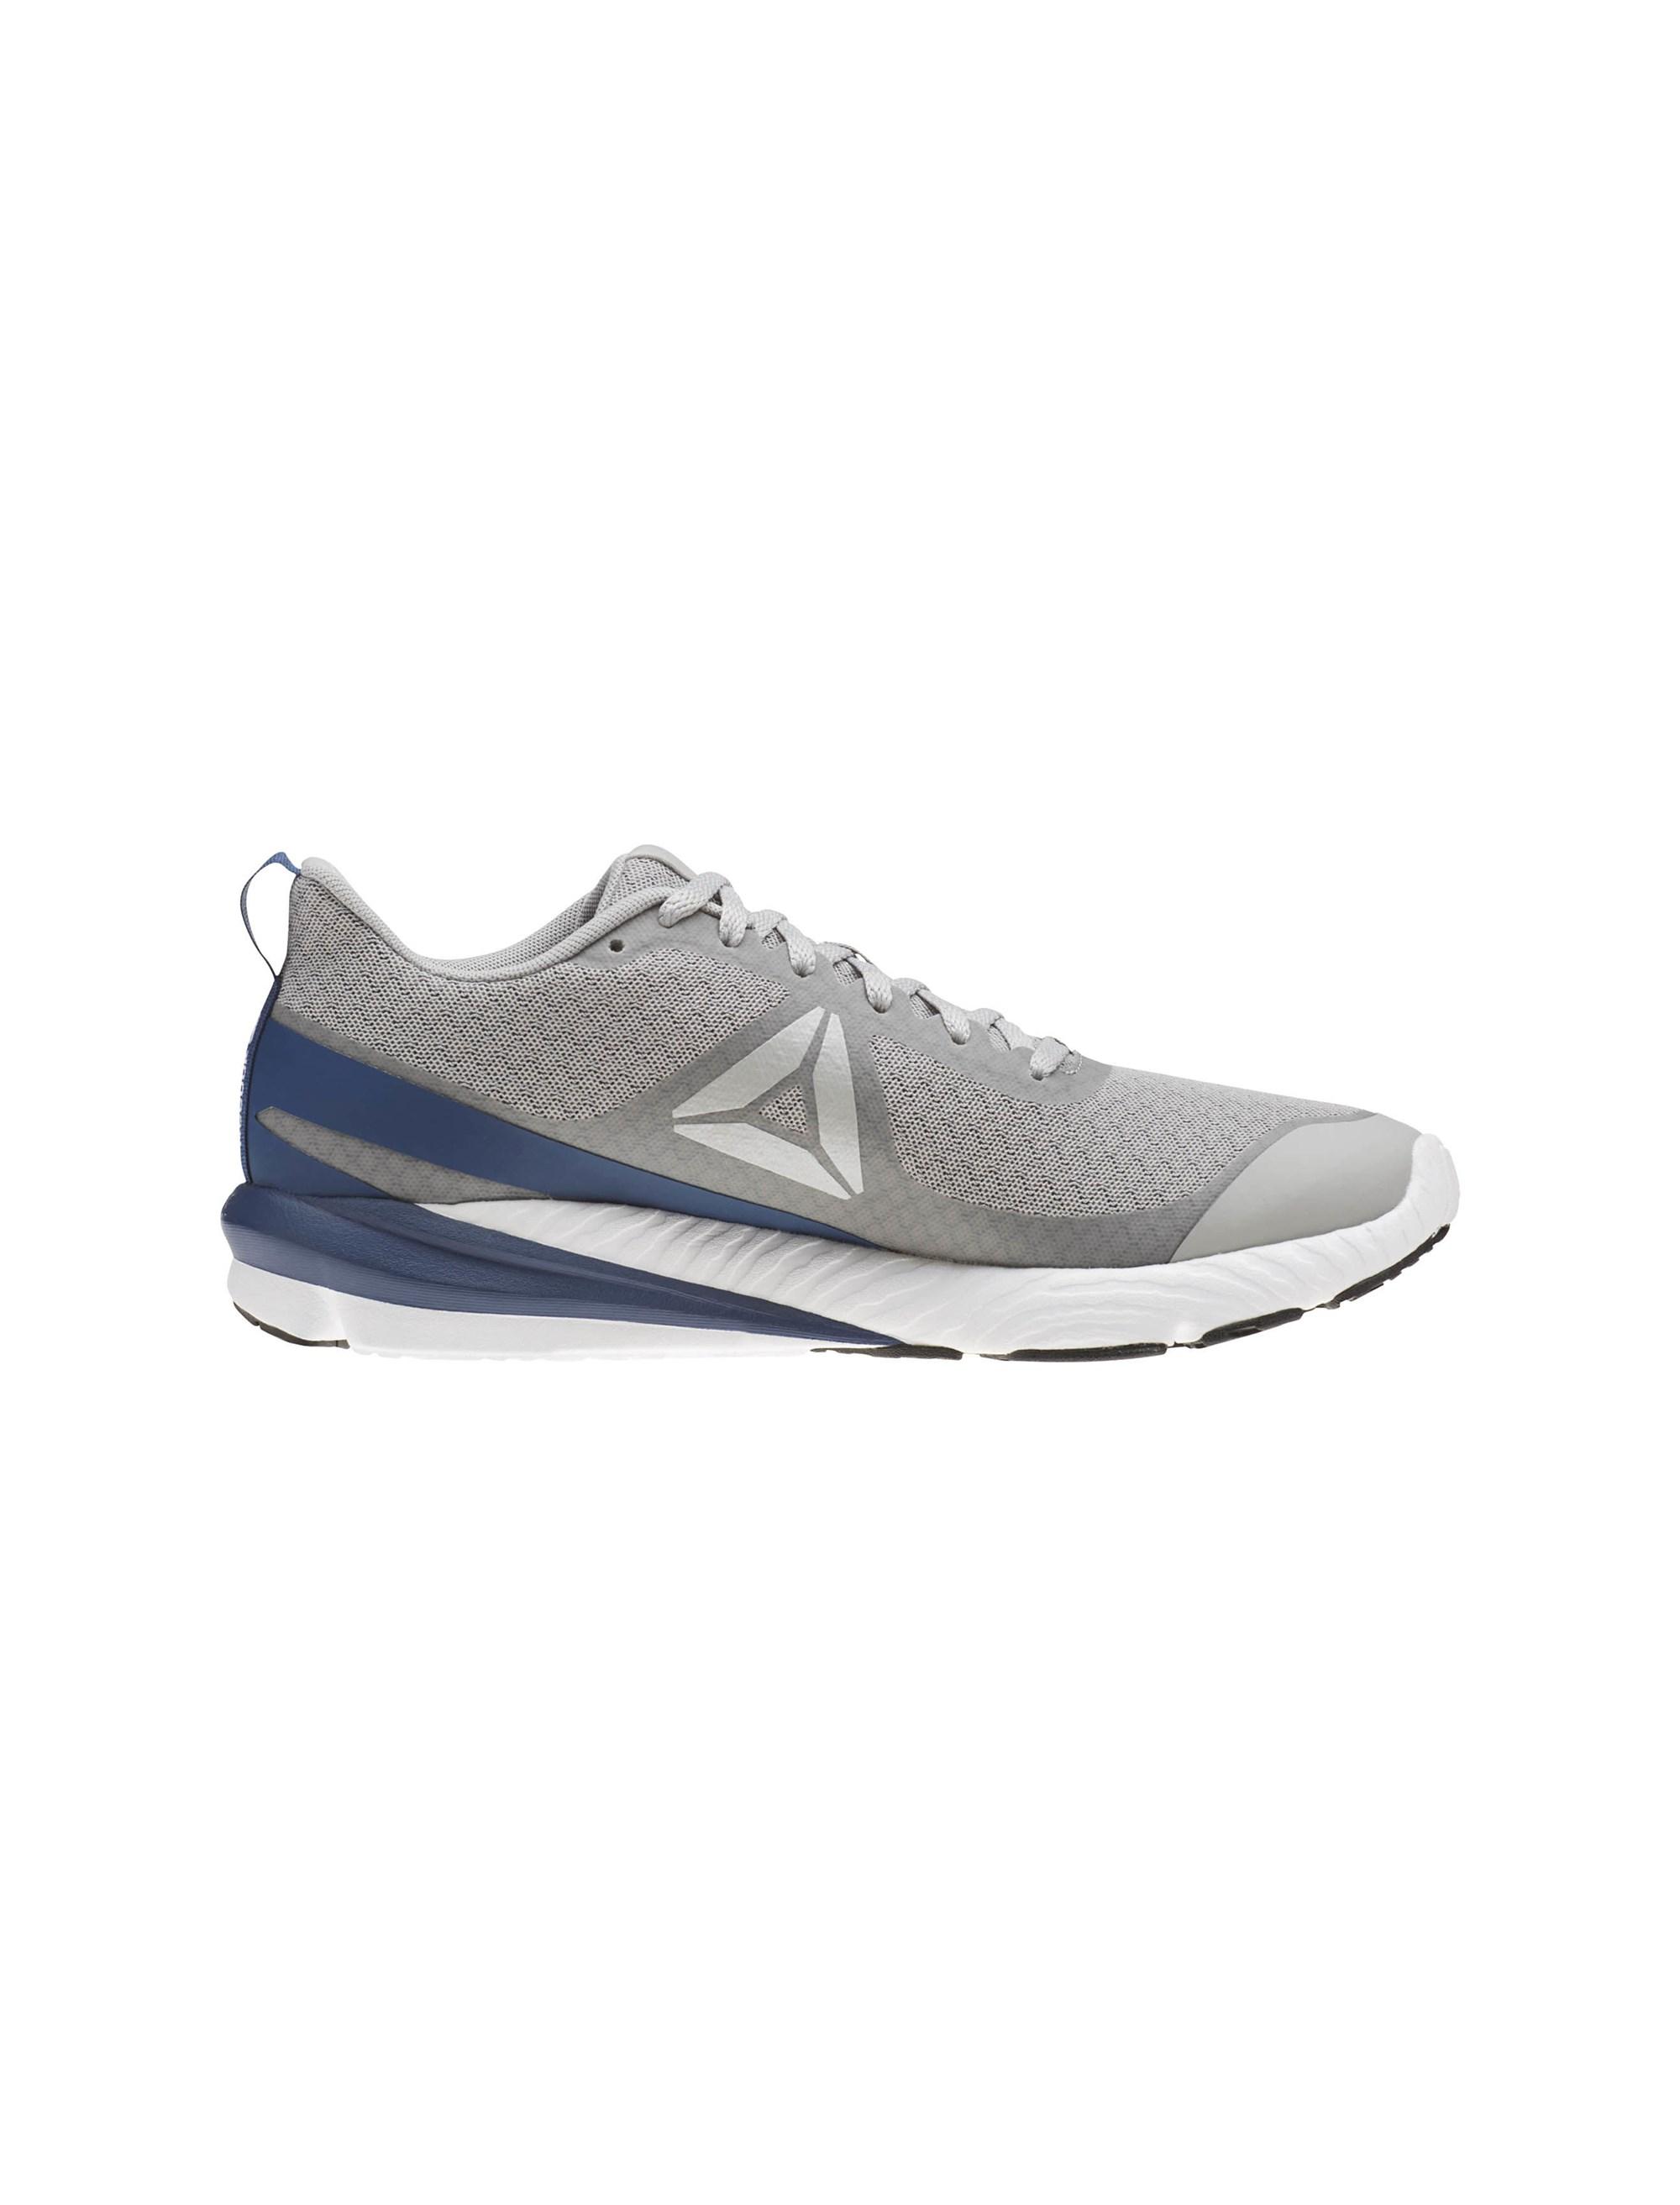 کفش مخصوص دویدن مردانه ریباک مدل Sweet Road Se - طوسي - 1